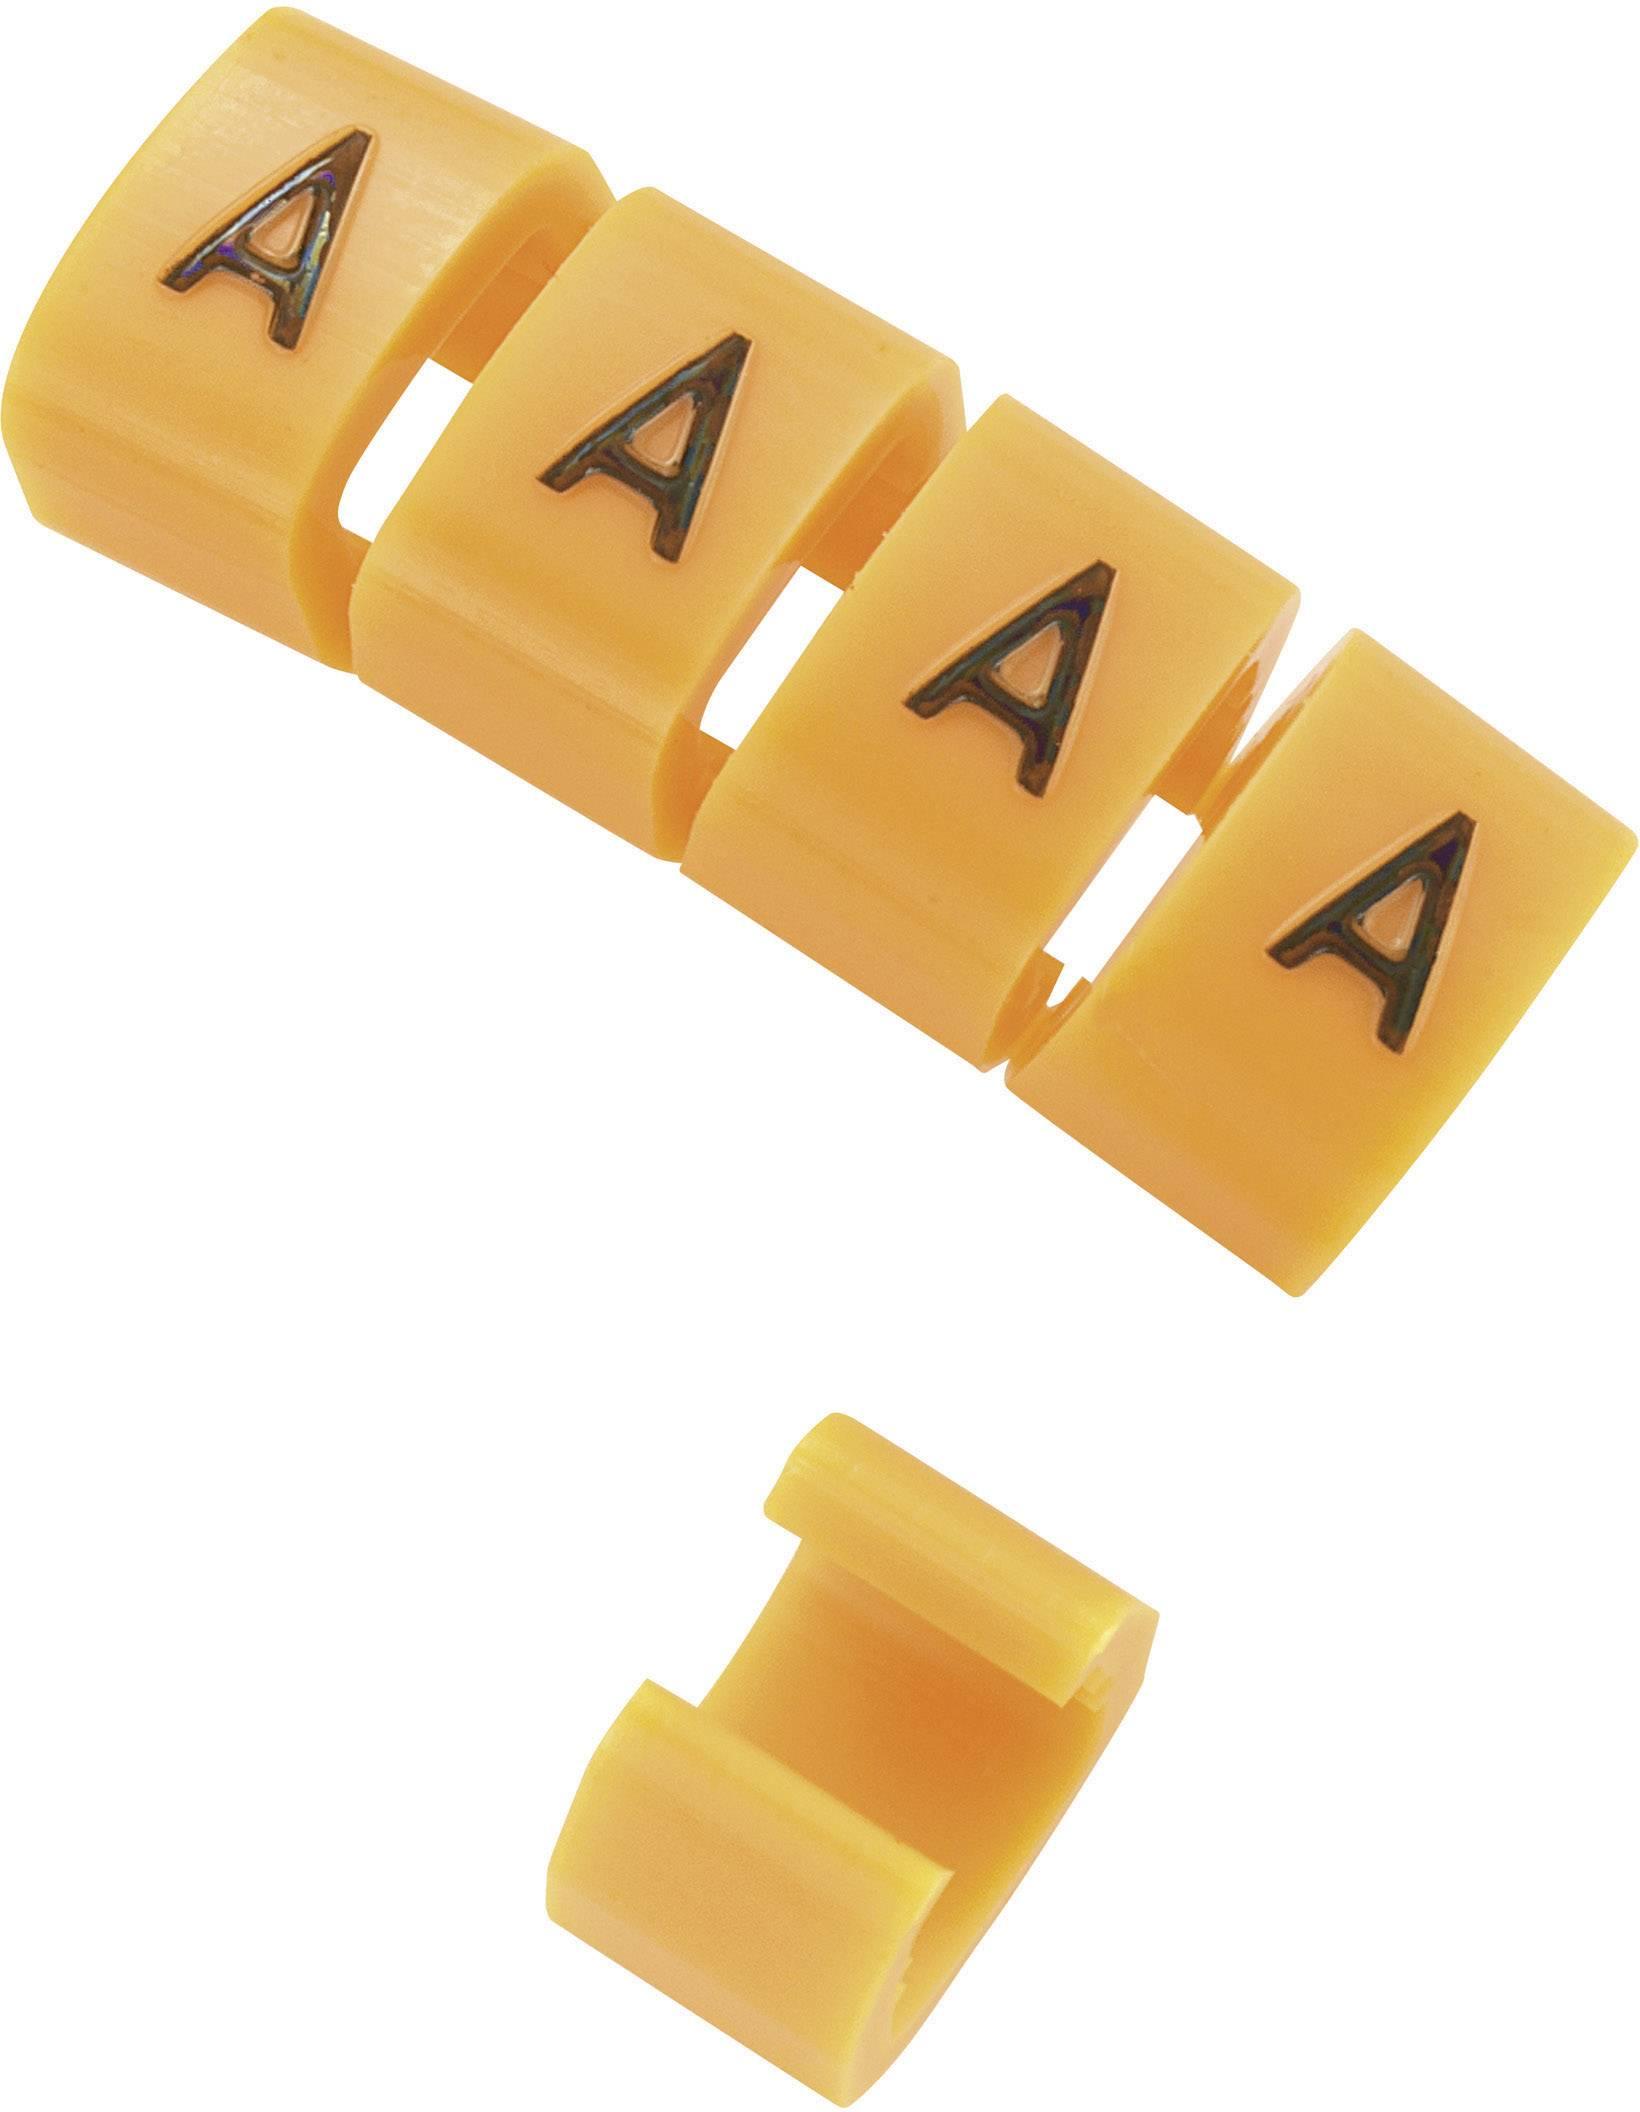 Označovacie objímka na káble KSS MB2/L, oranžová, 10 ks